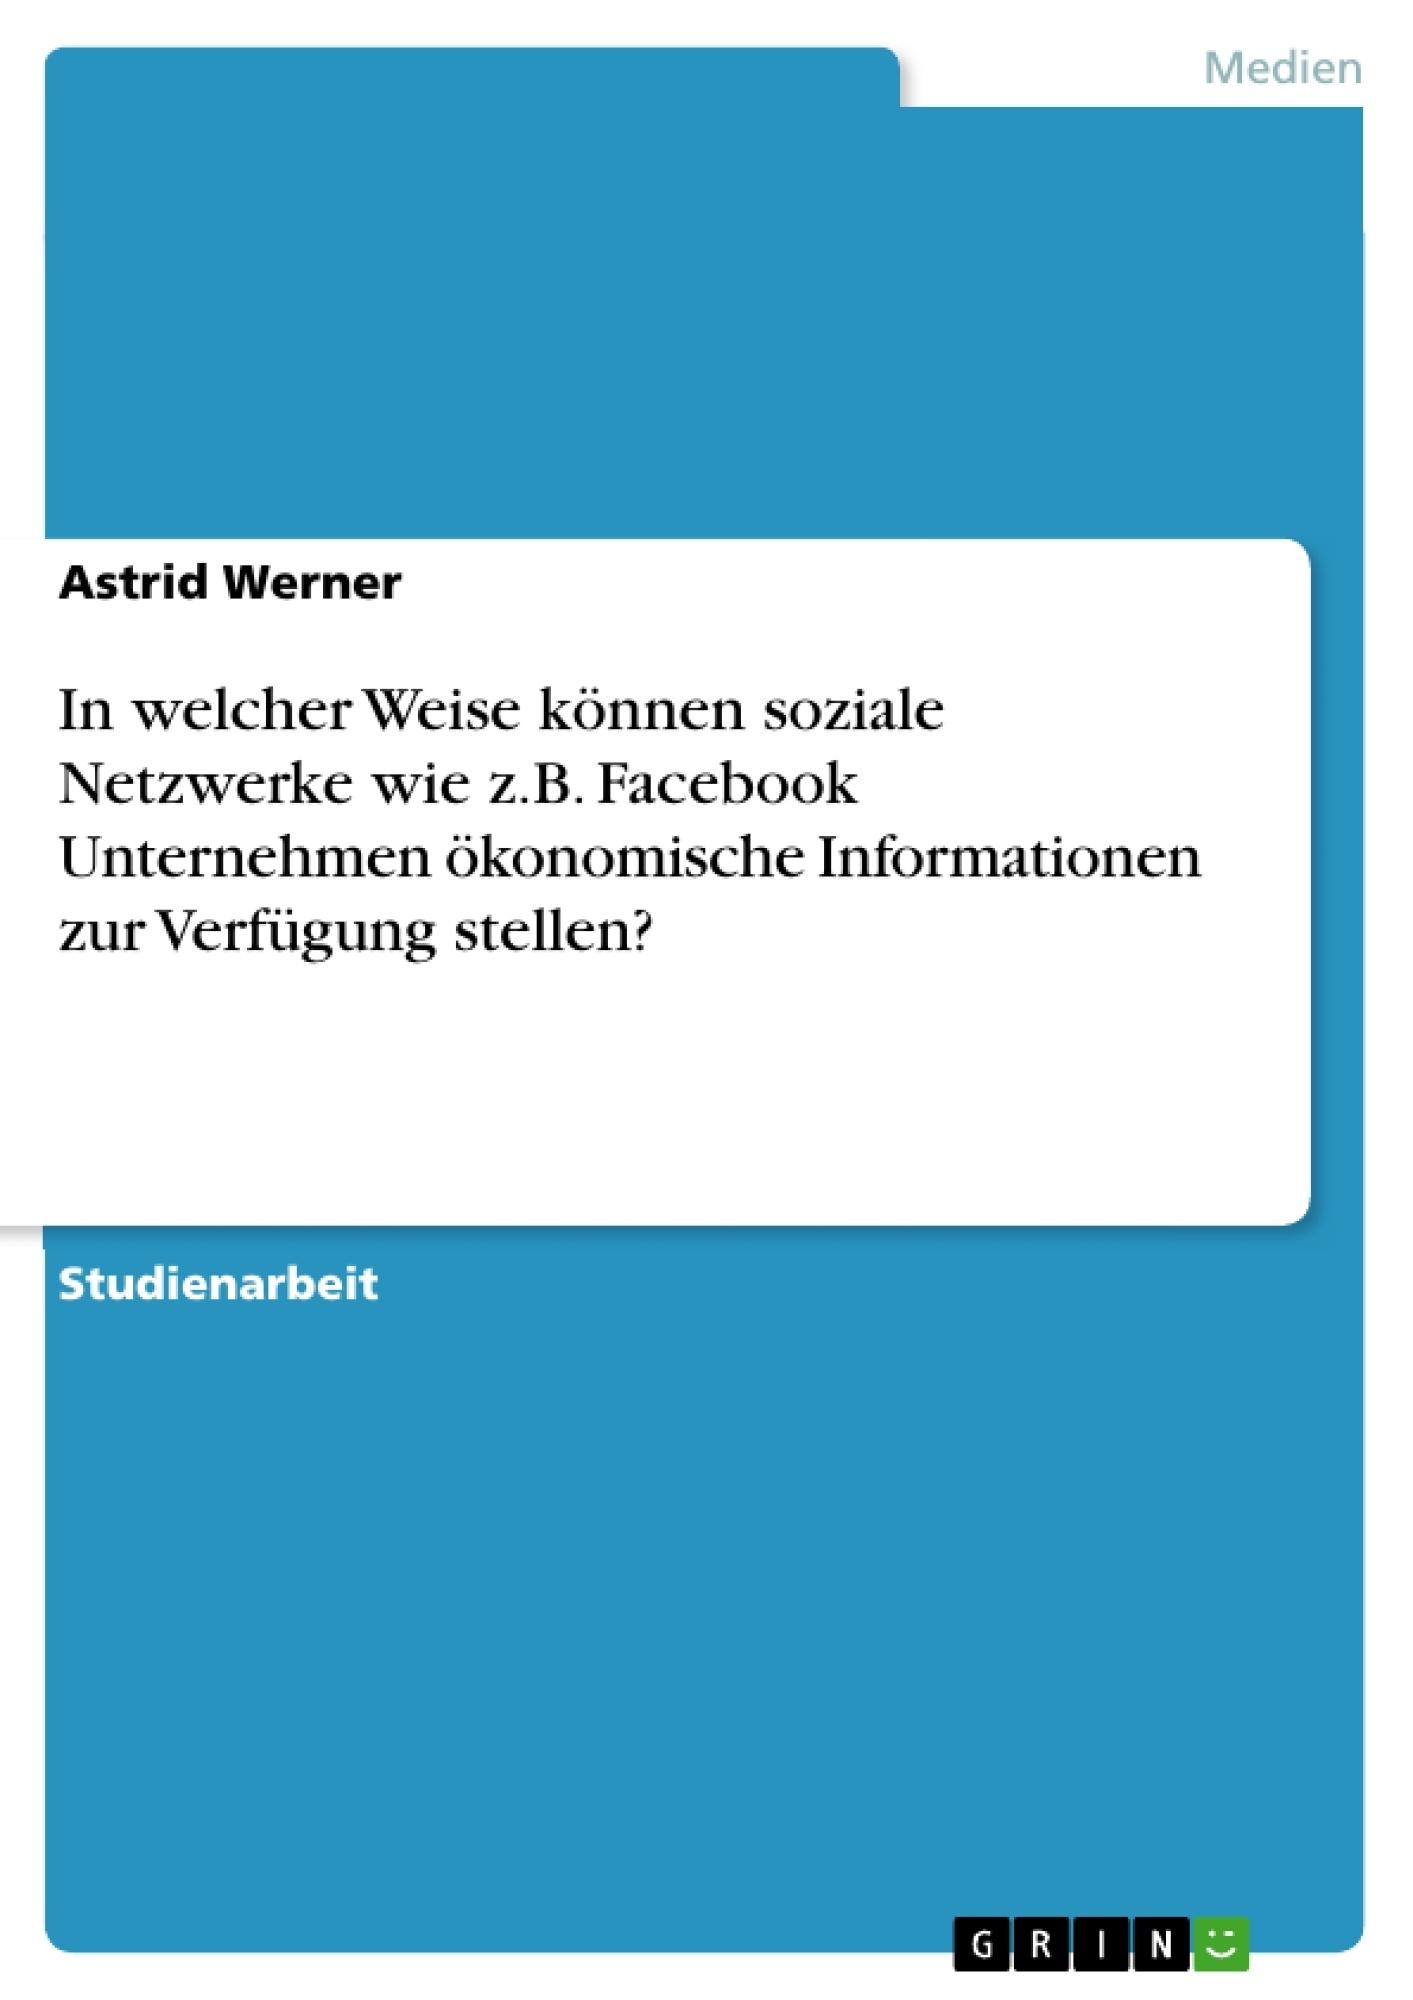 Titel: In welcher Weise können soziale Netzwerke wie z.B. Facebook Unternehmen ökonomische Informationen zur Verfügung stellen?